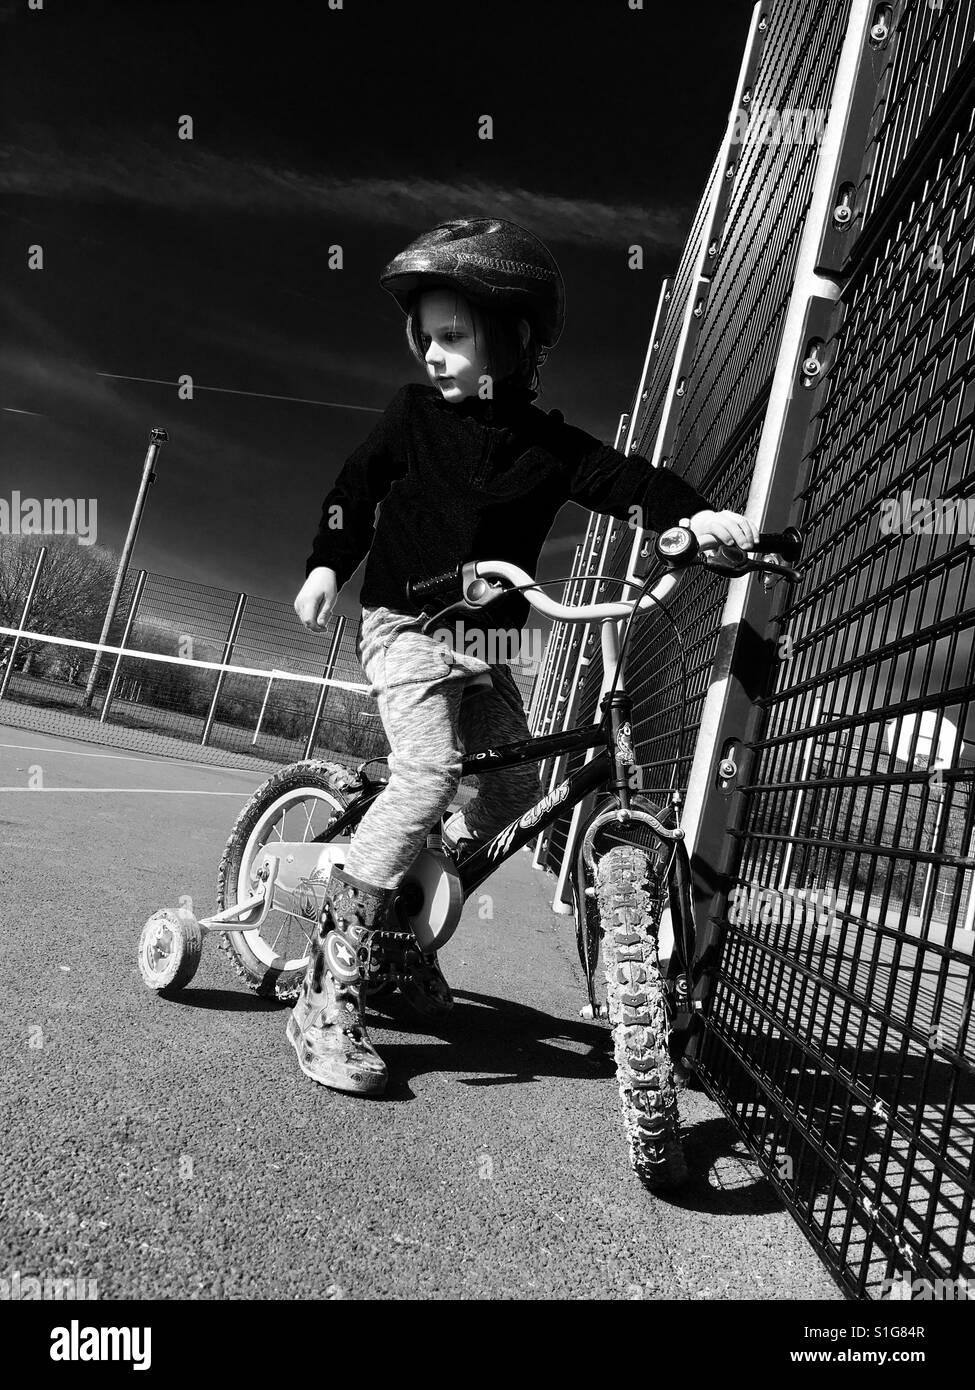 Junge Reiten Fahrrad mit Stabilisatoren Stockbild